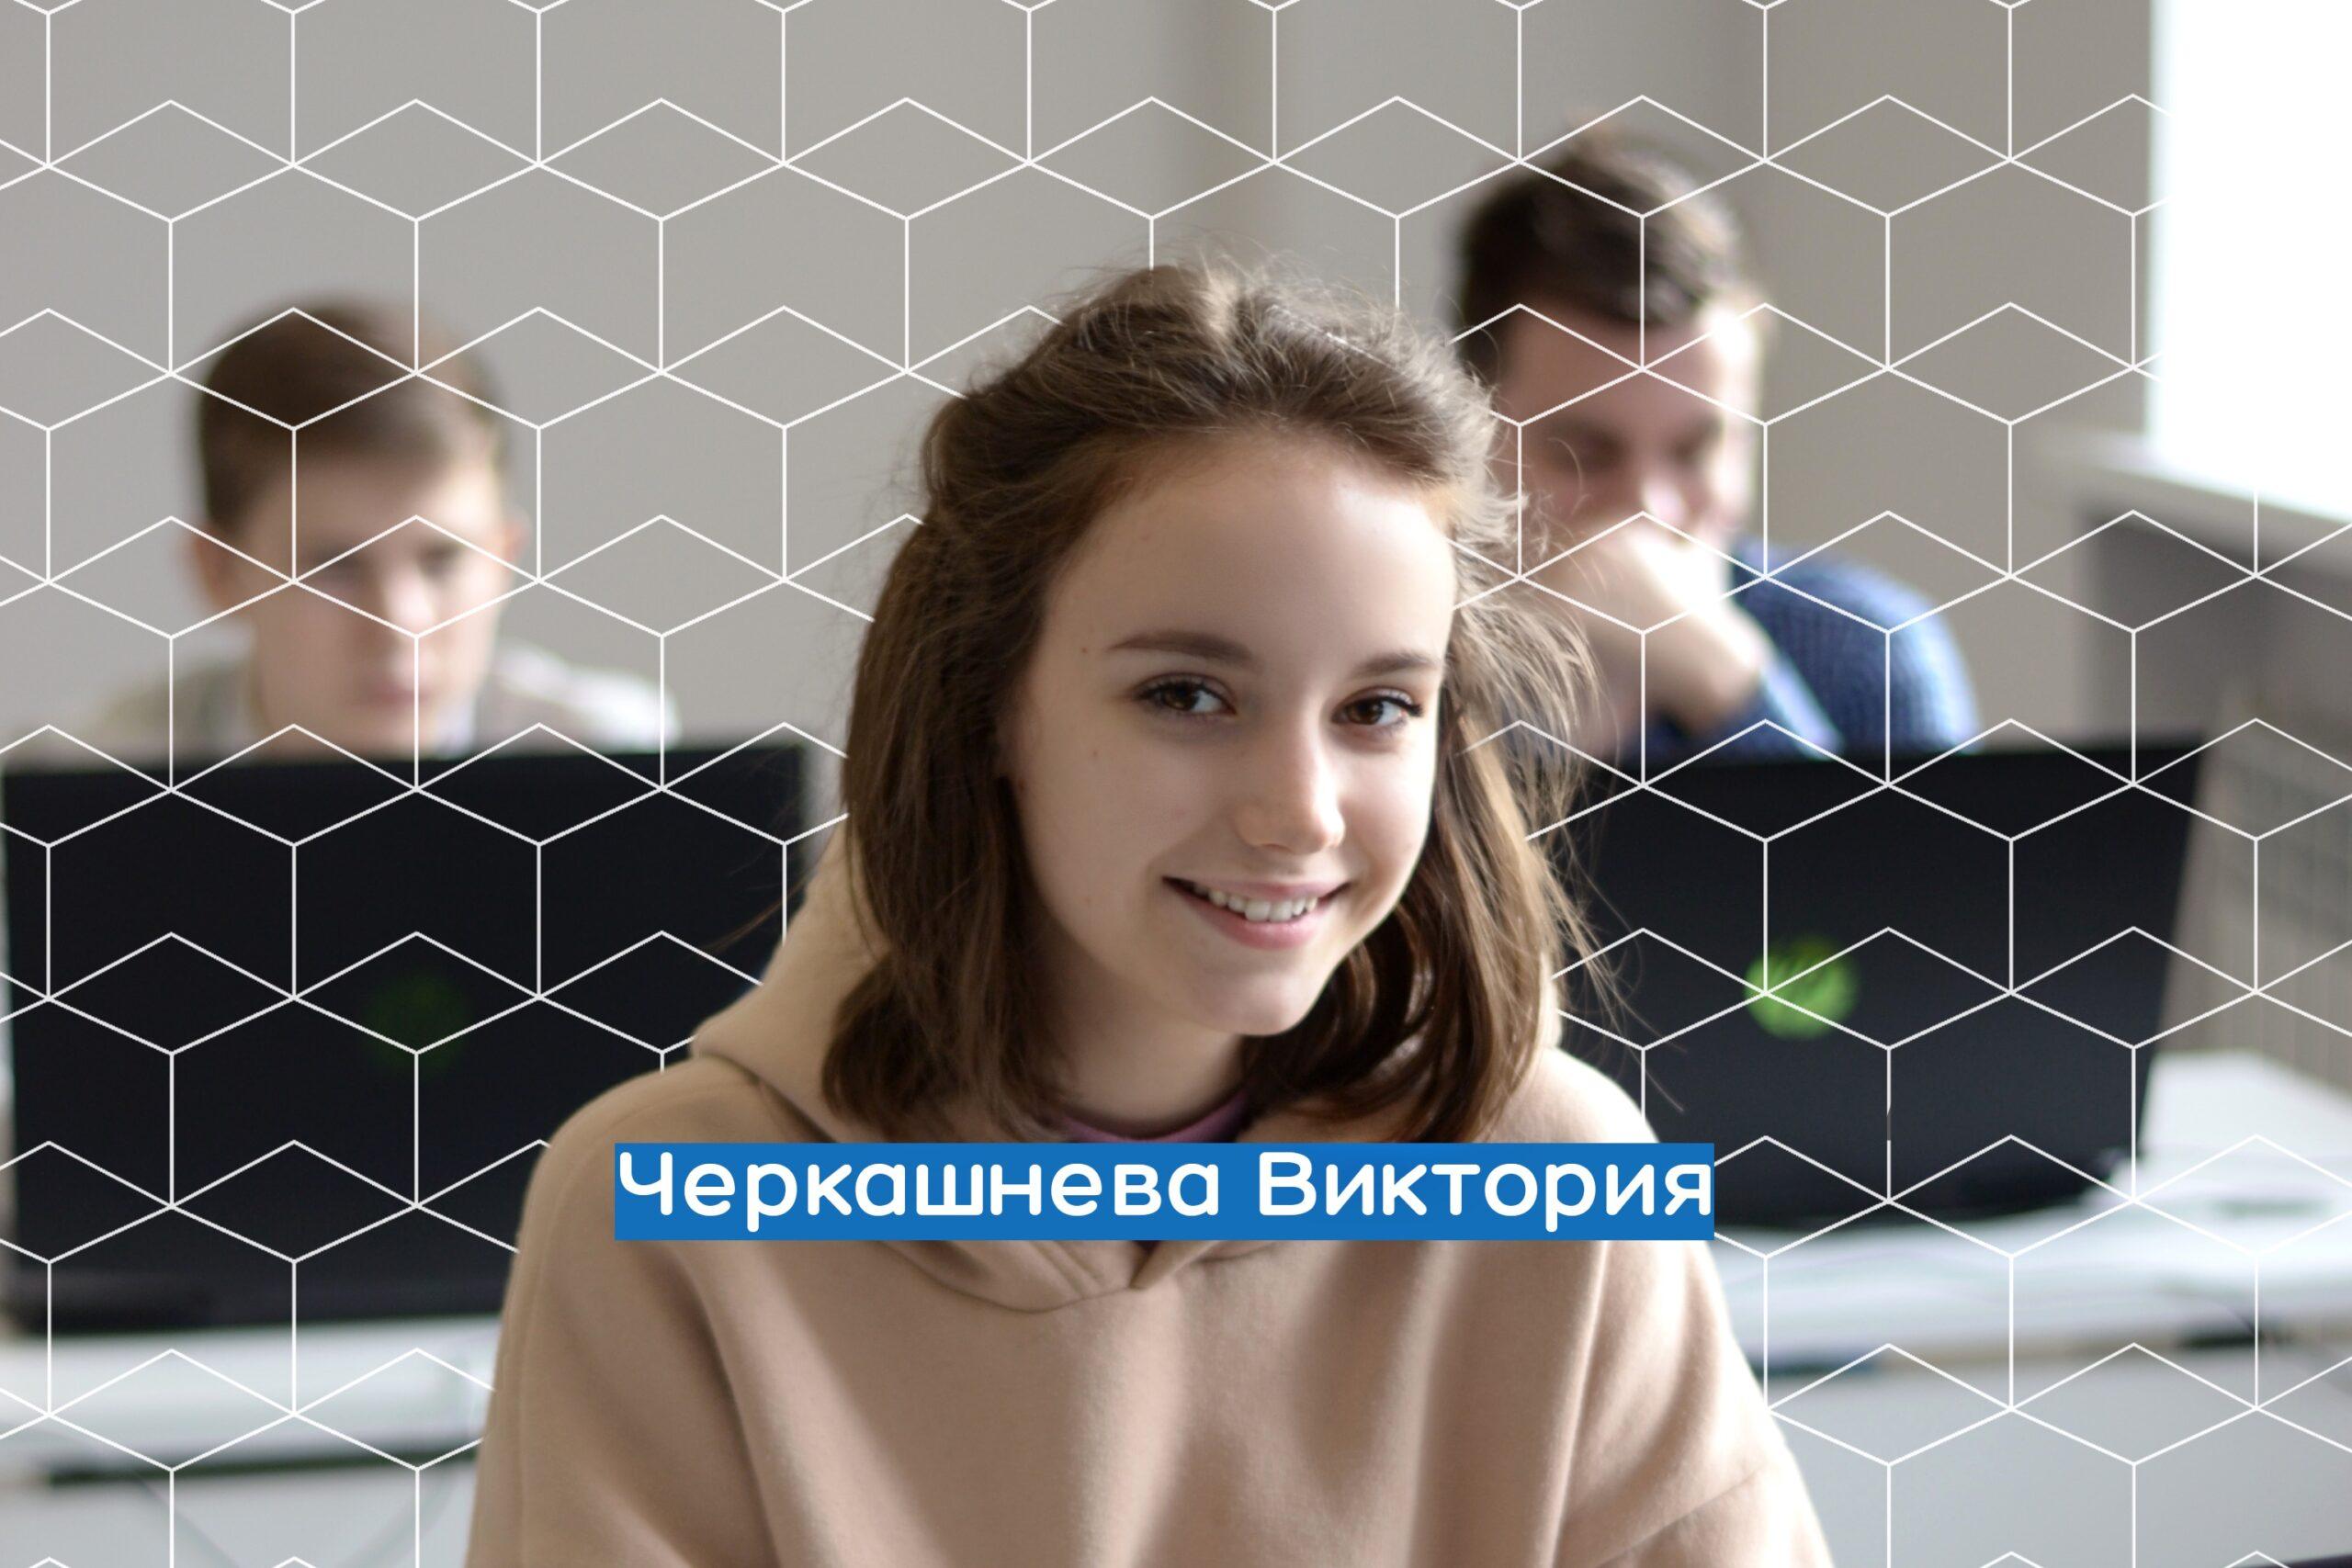 Подрастающие программисты: Виктория Черкашнева